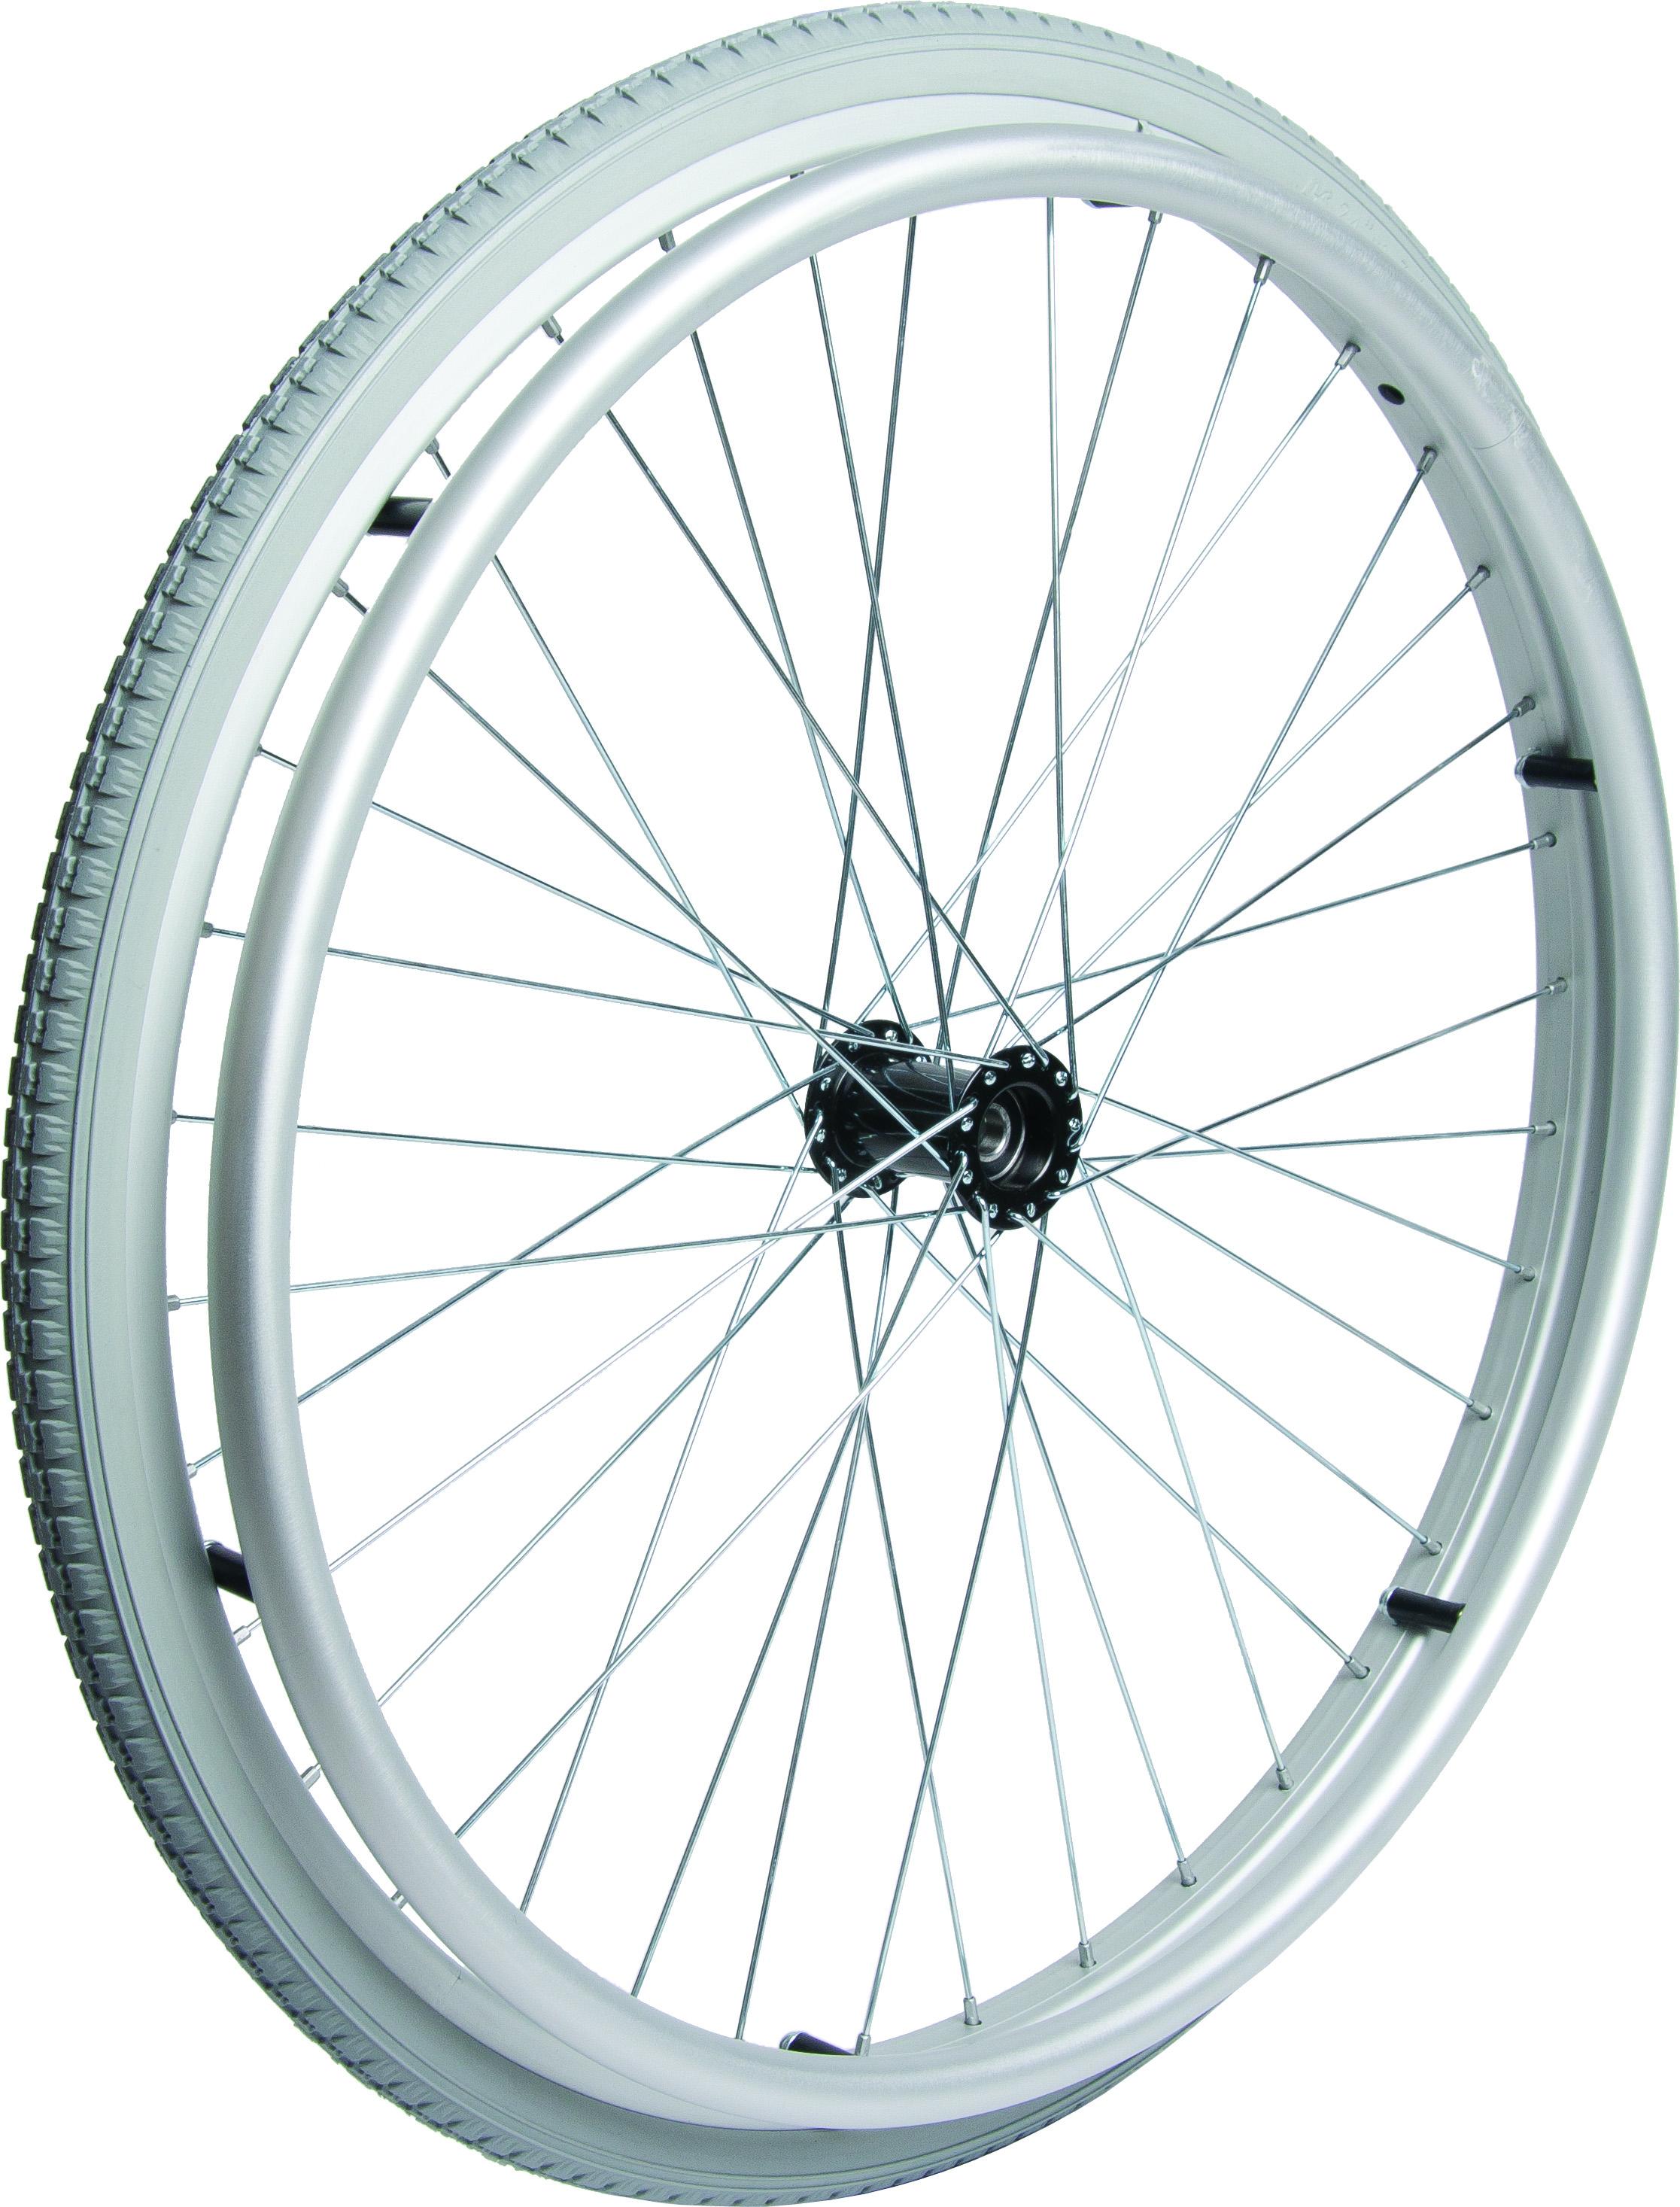 Komplet baghjul med dæk og drivring (22″) fra